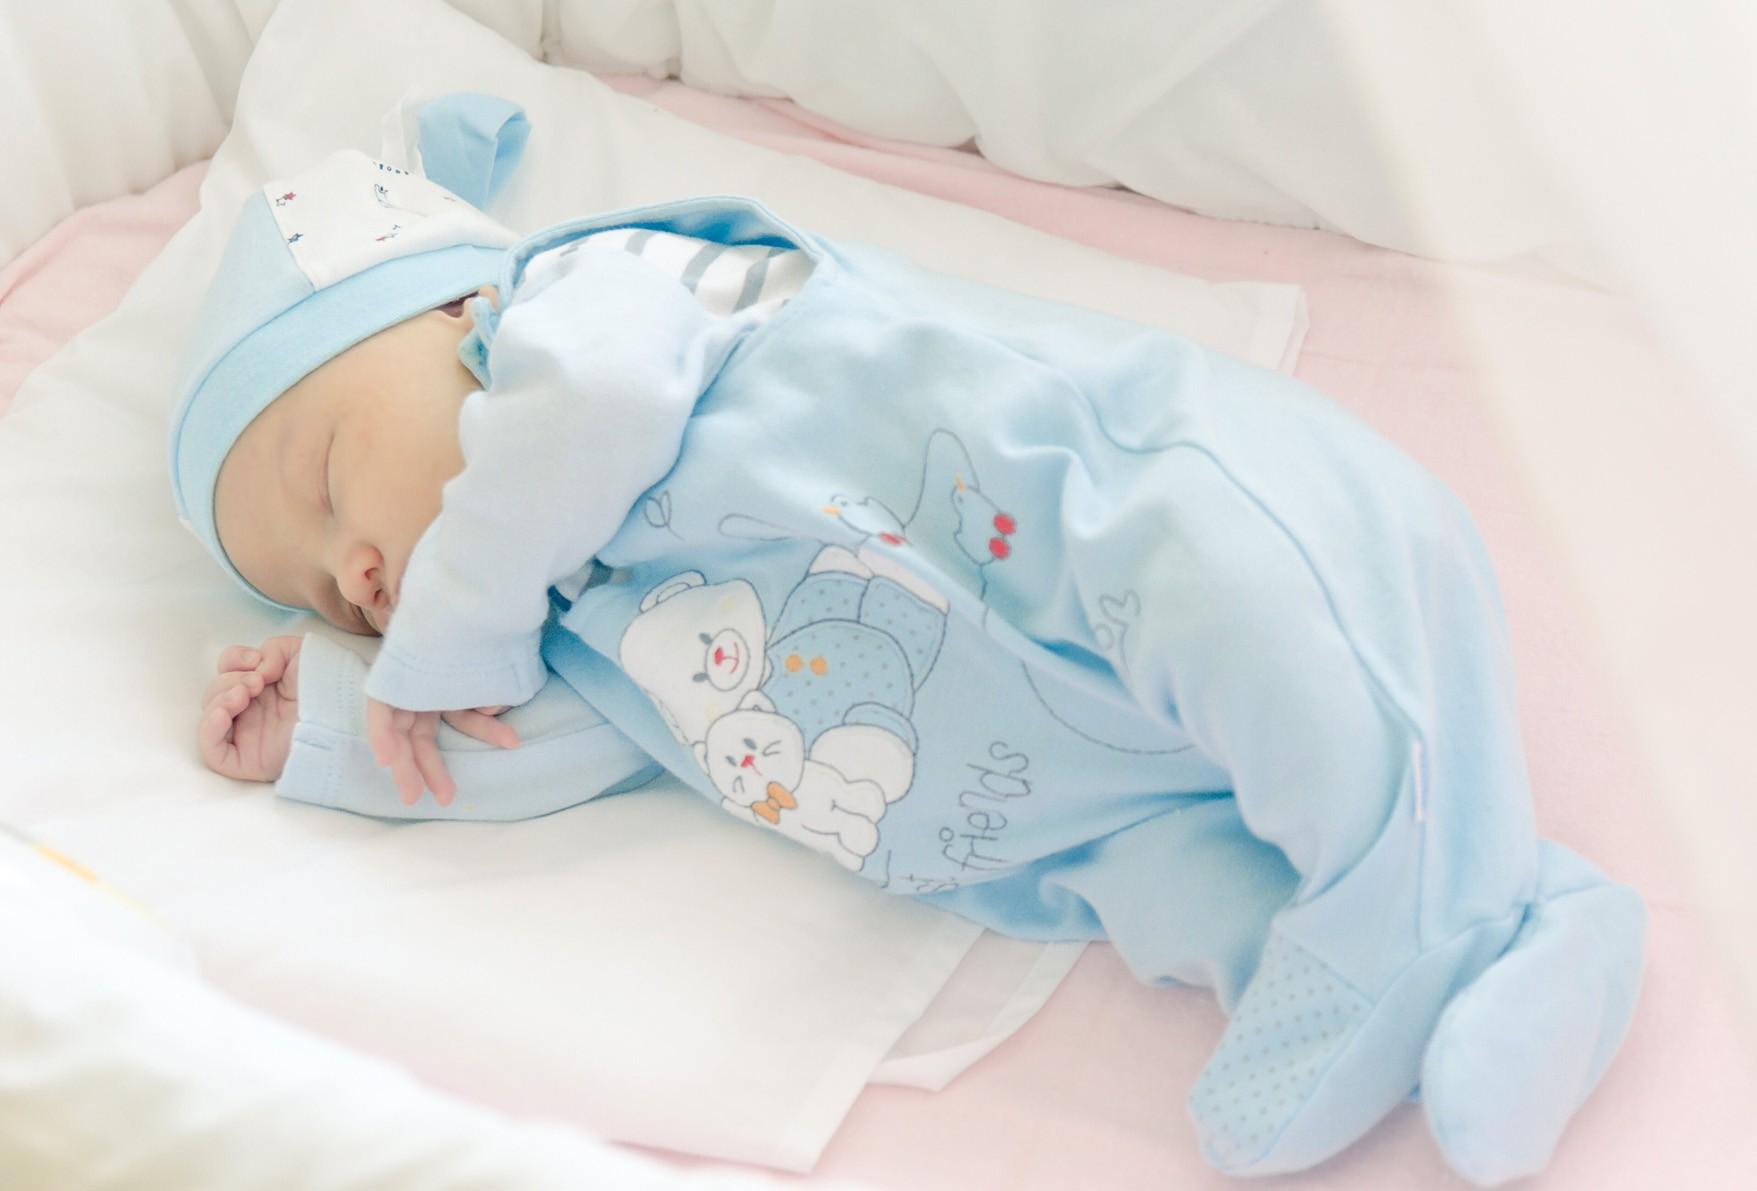 Как должен спать новорожденный ребенок, как правильно его 52